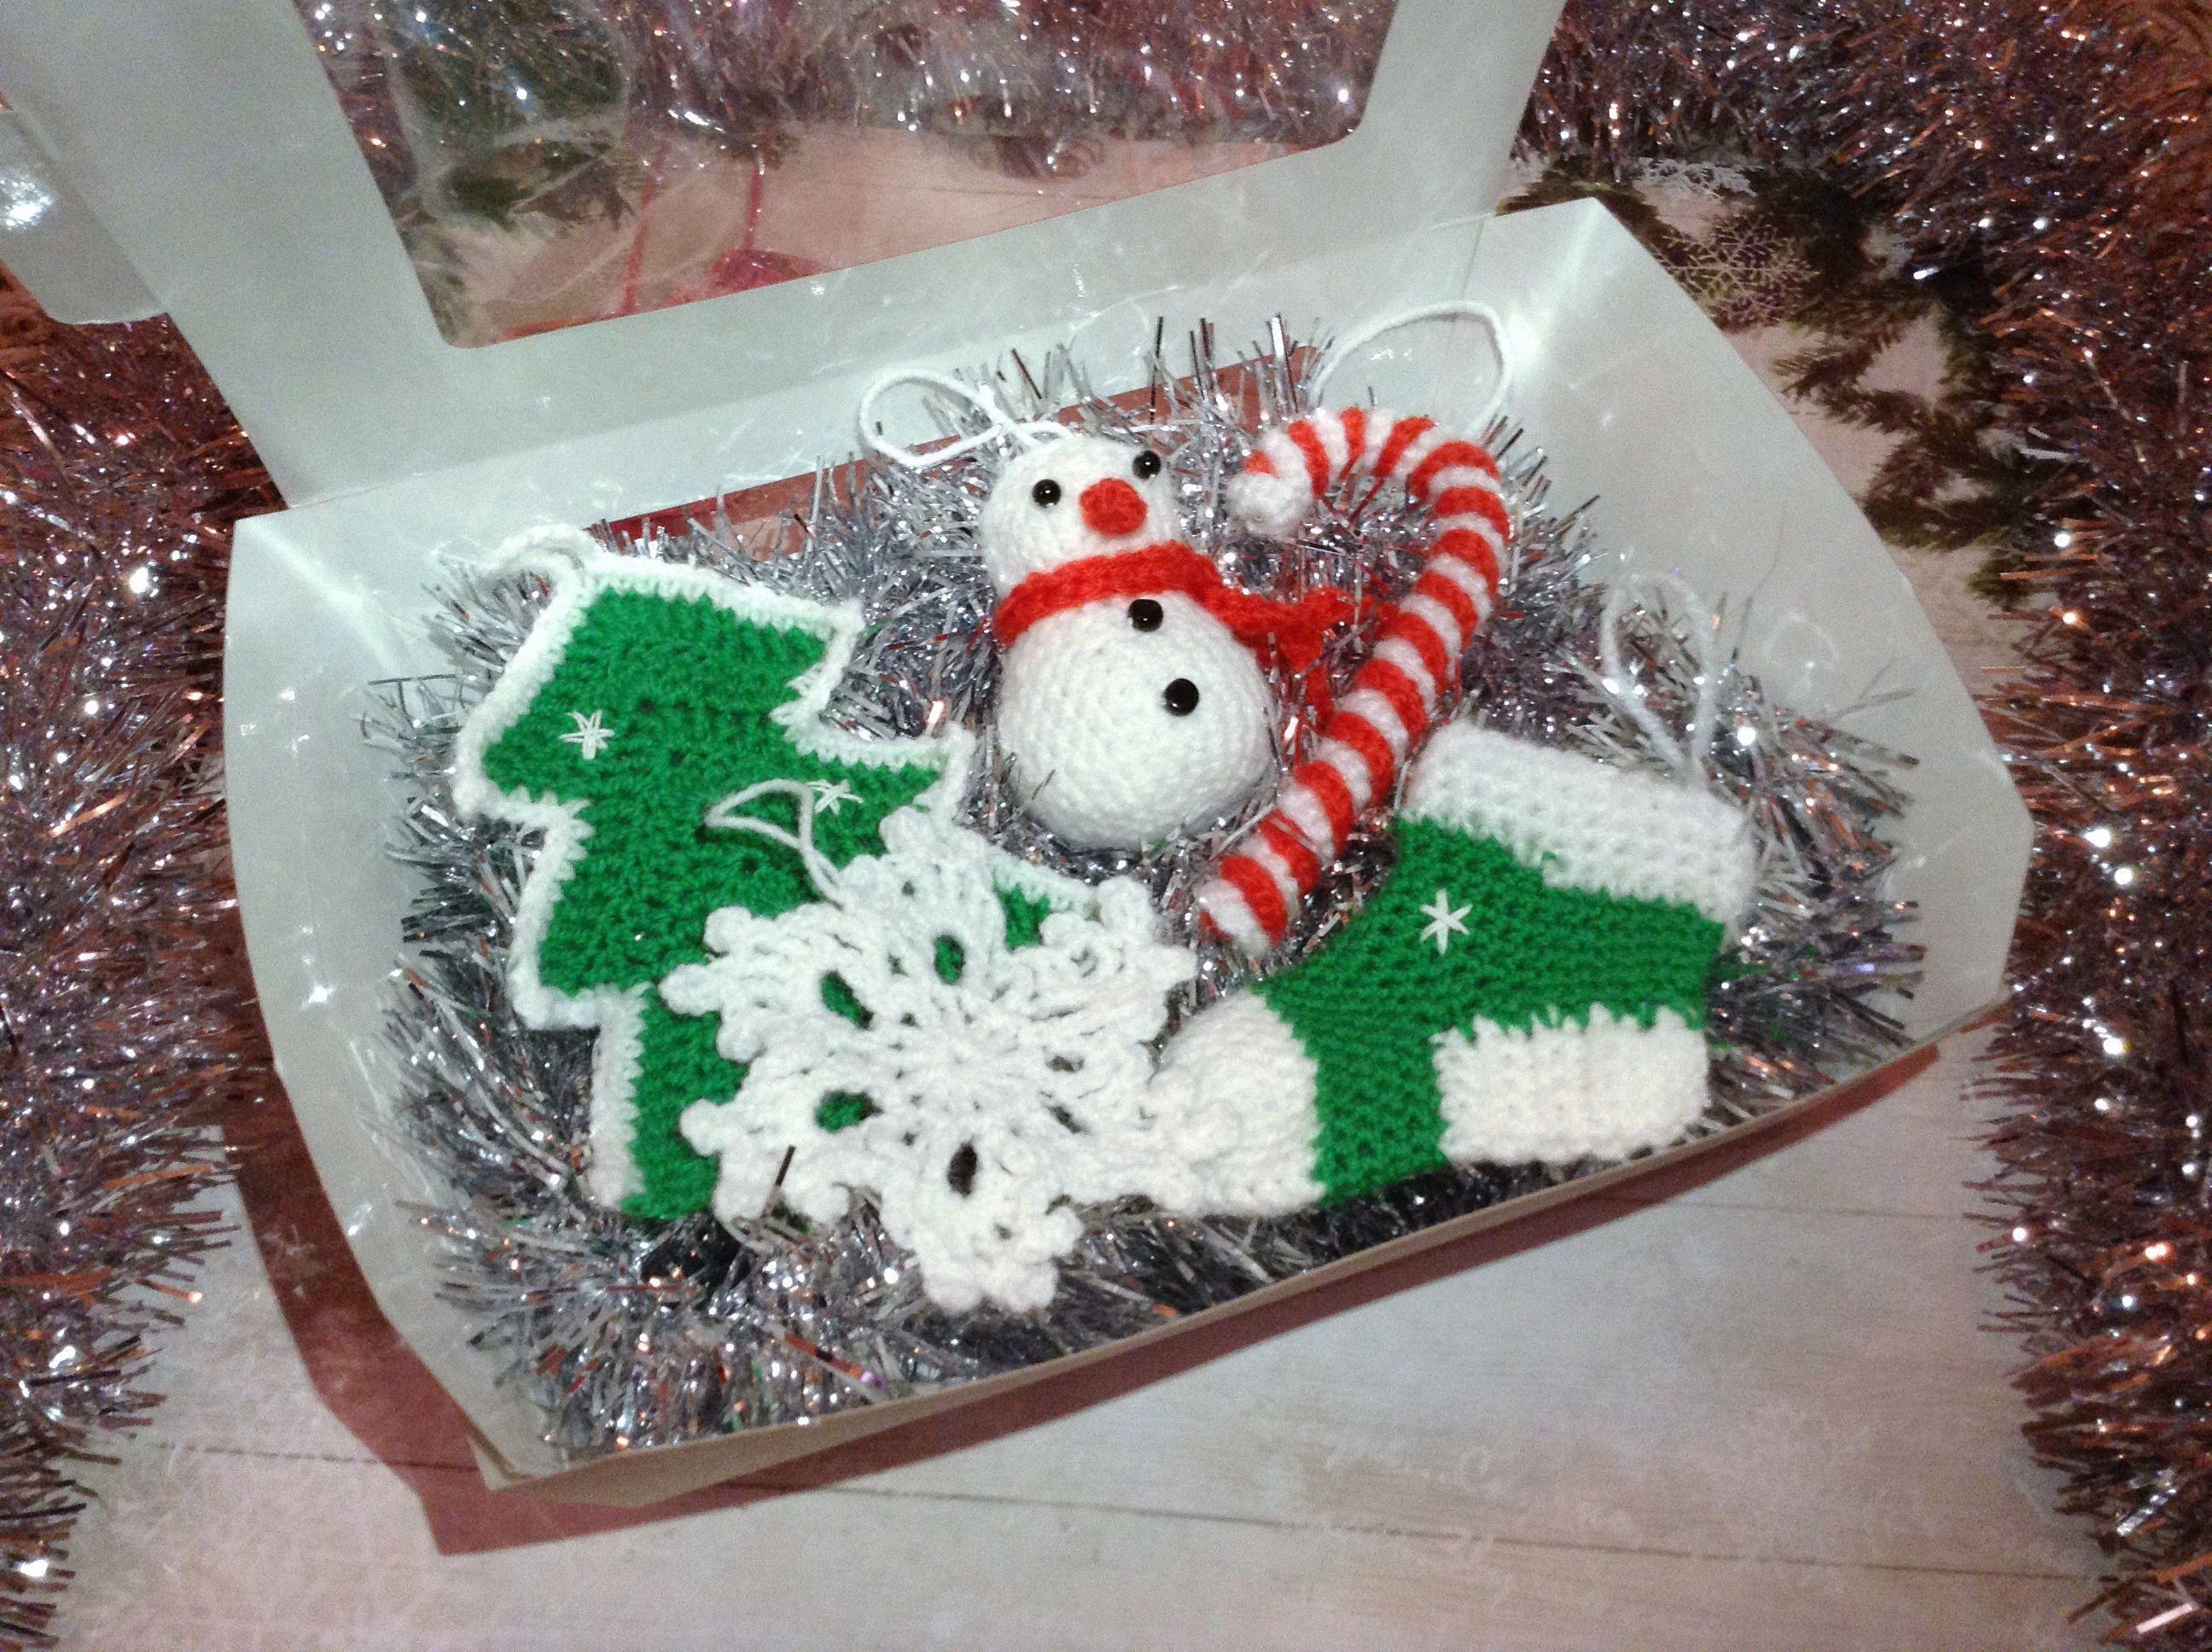 леденец носочек игрушки снежинка вязаное снеговик крючком ёлка новыйгод